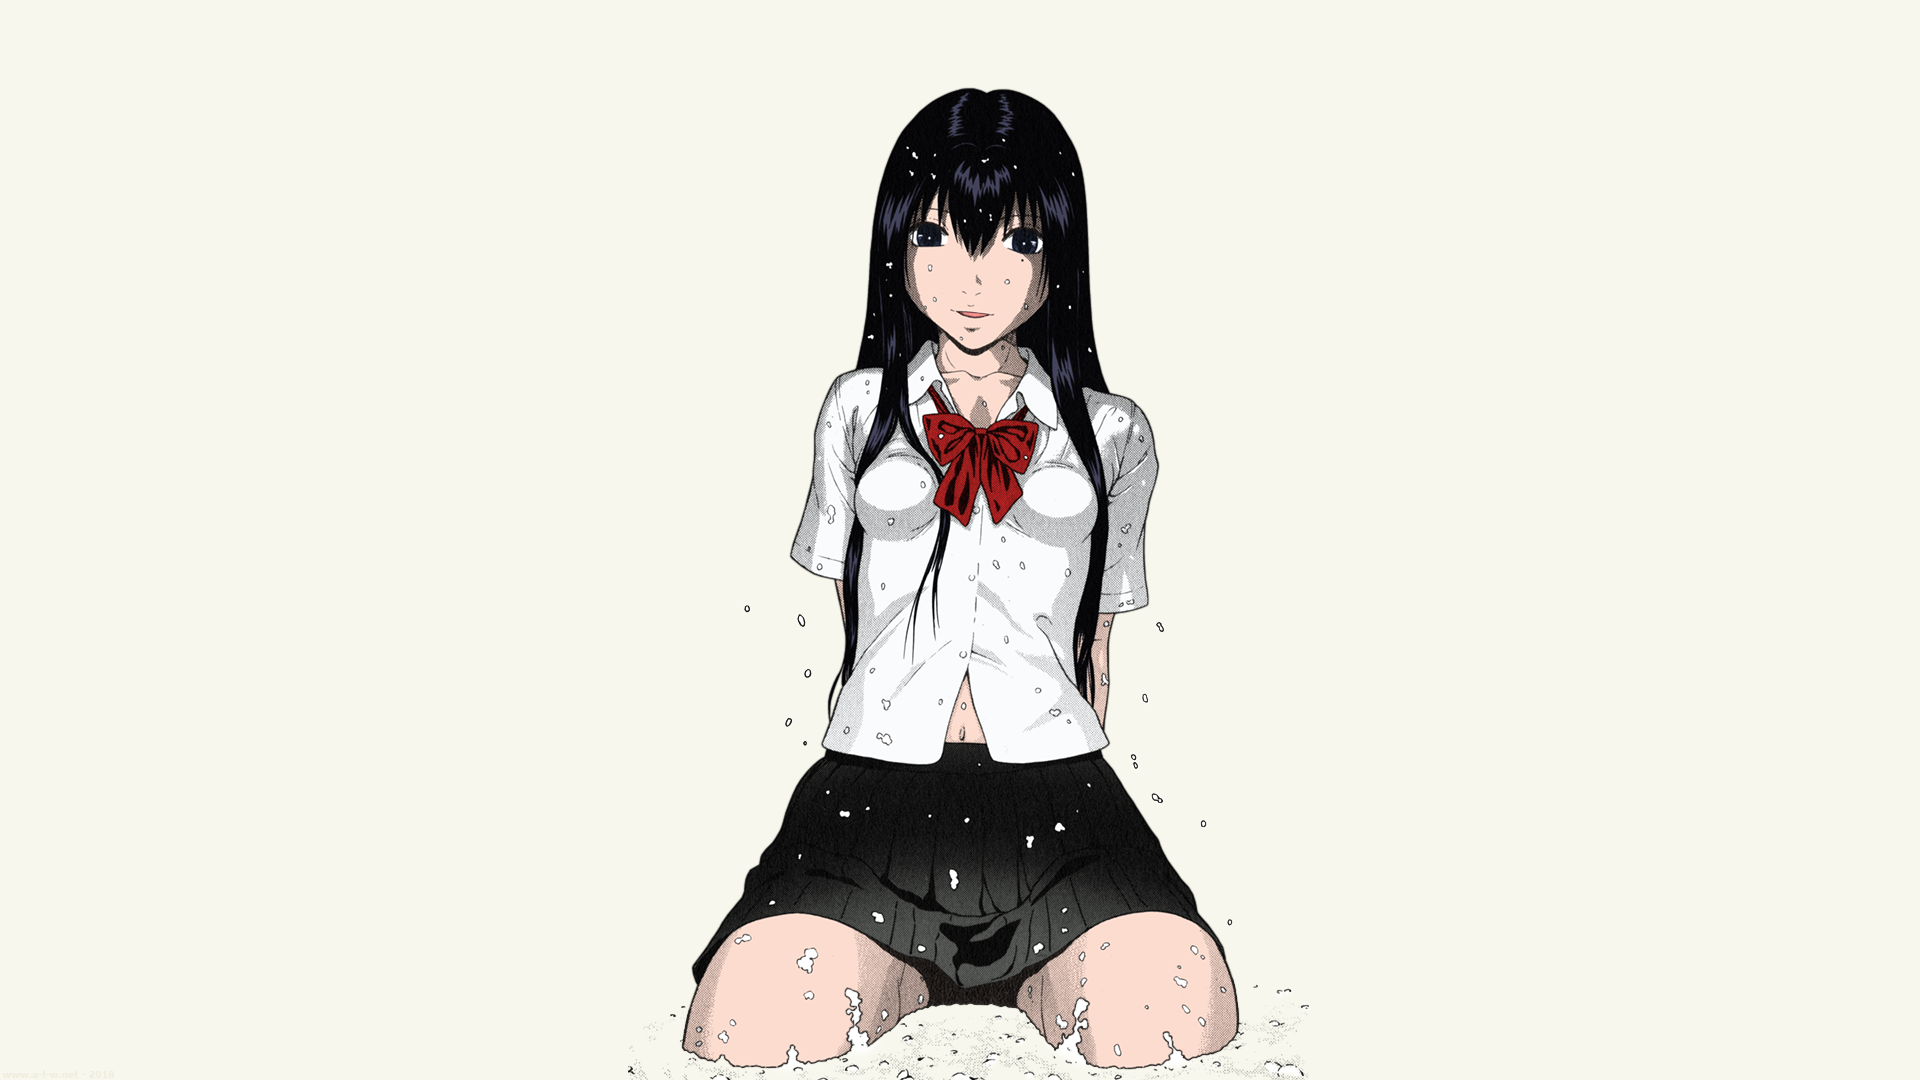 Ibitsu - Madoka Moritaka by Okada Kazuto #5 by theBakamono